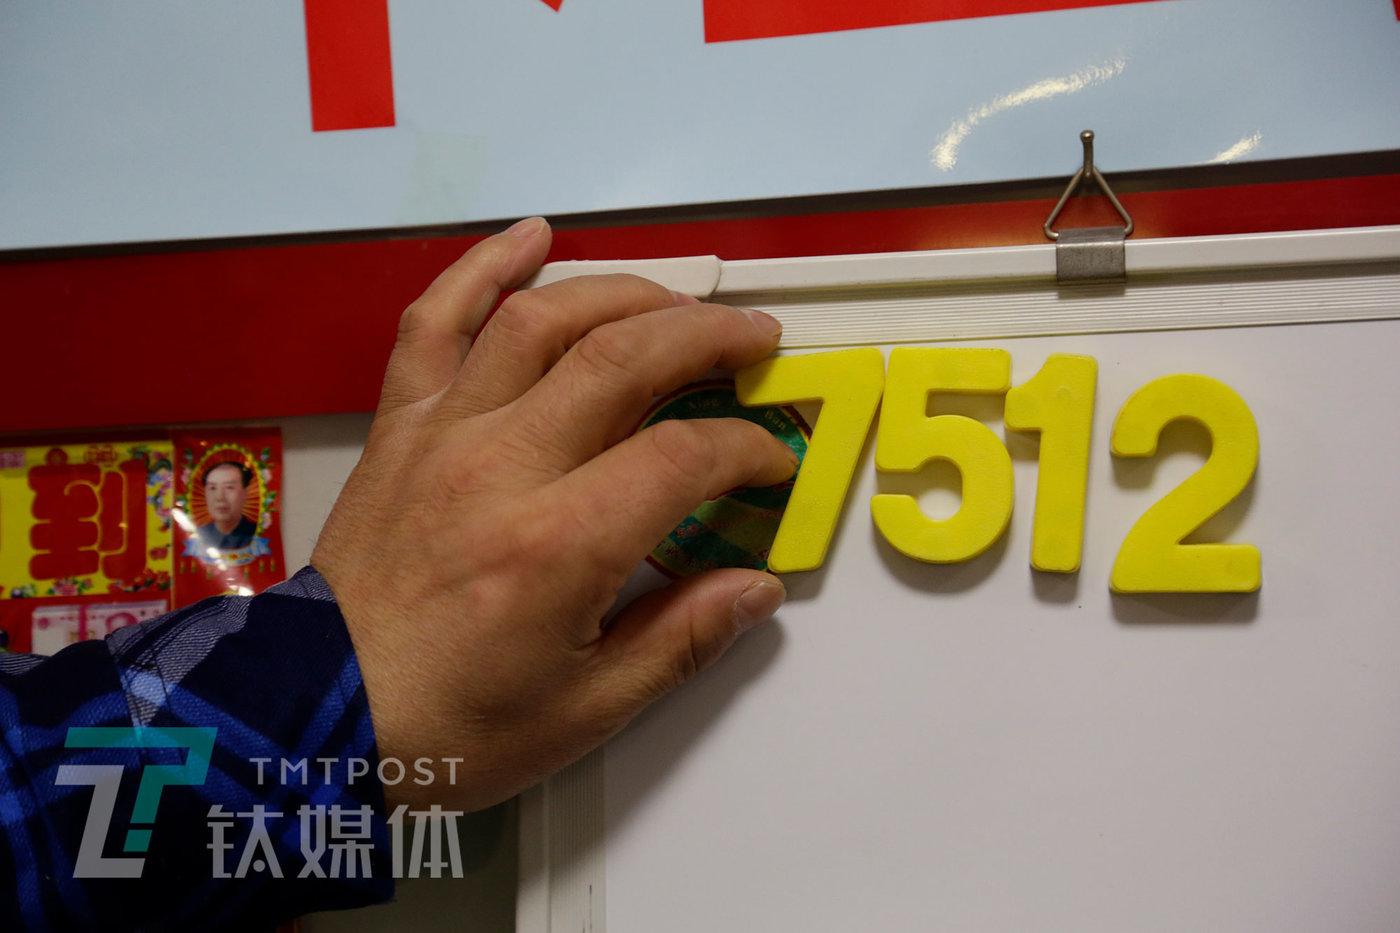 四位盲人按摩师的编号,7512分别对应:老姜、小路、老张、小朱。